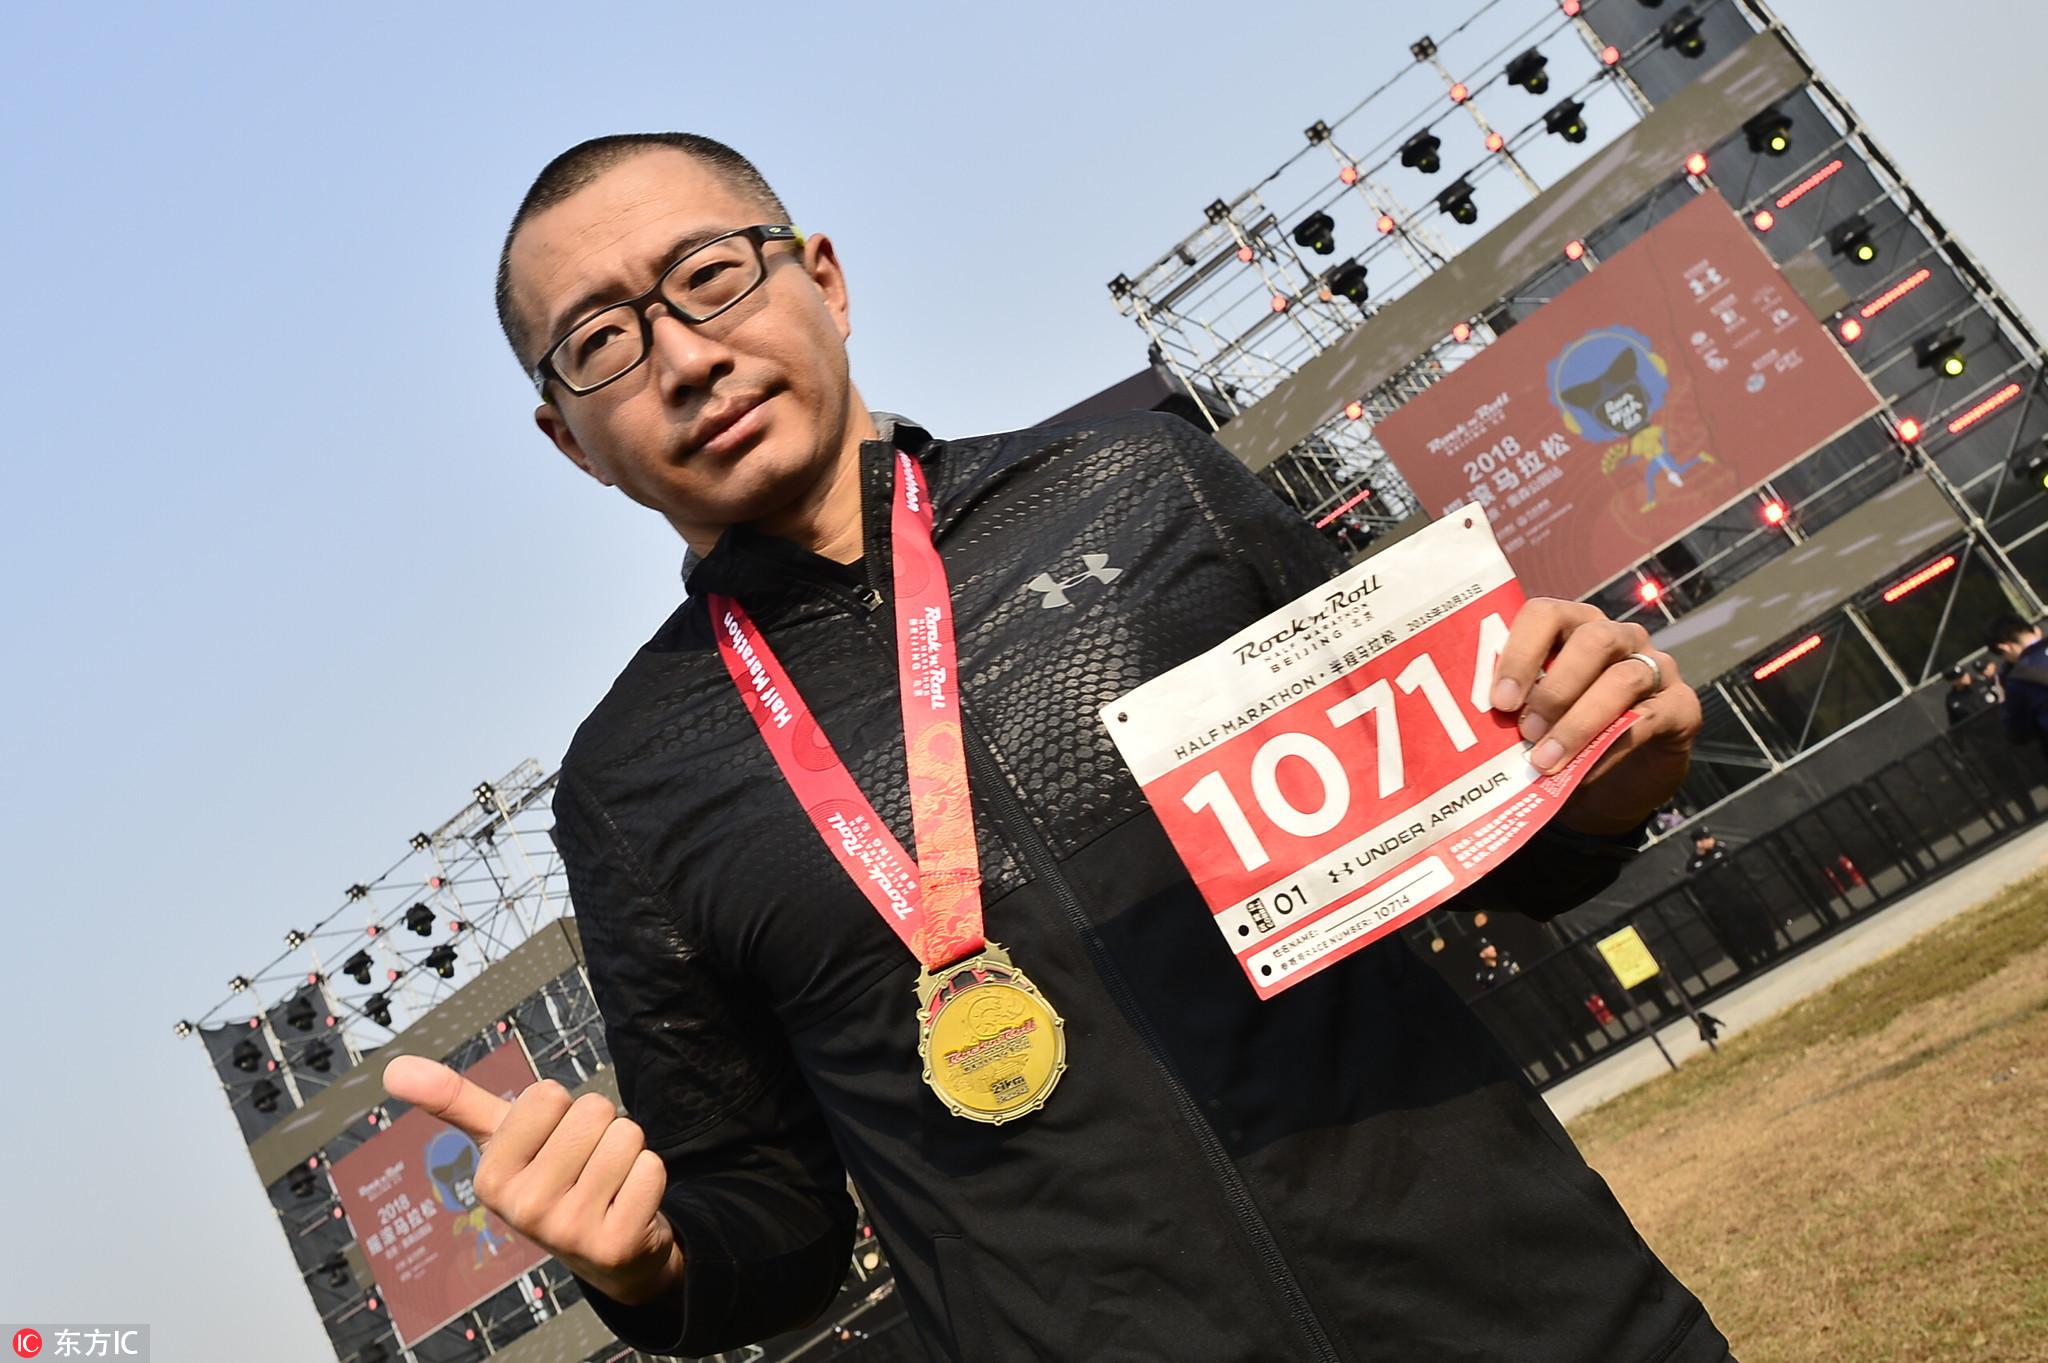 2018摇滚马拉松北京站鸣枪开跑 各路摇滚卡司助力燥动现场